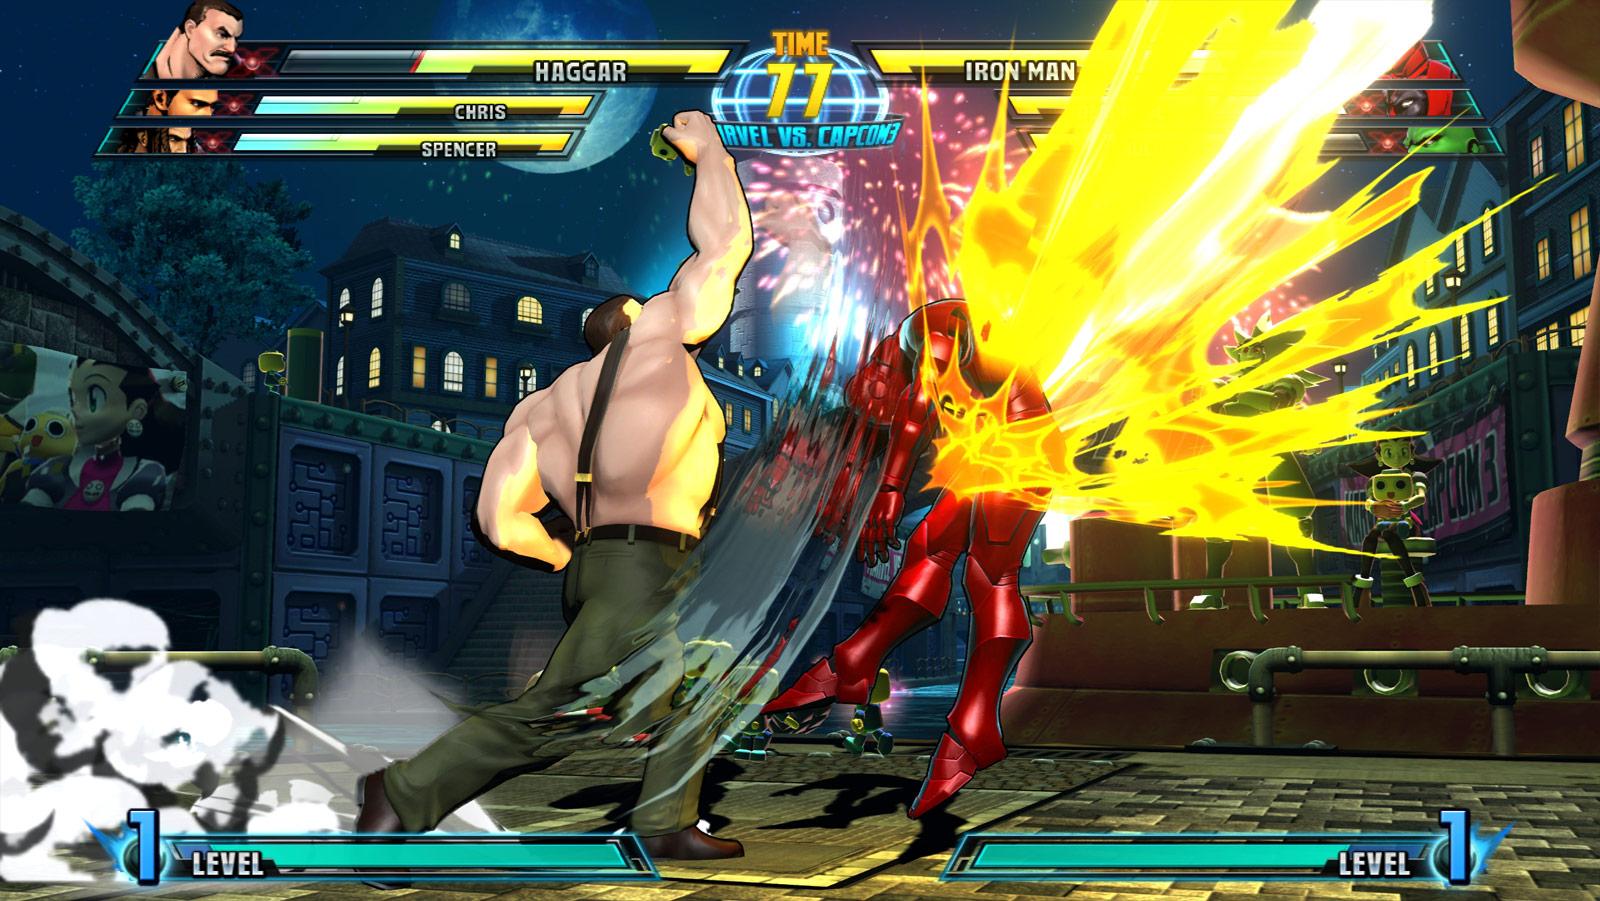 Phoenix and Haggar screen shots for Marvel vs. Capcom 3 #13